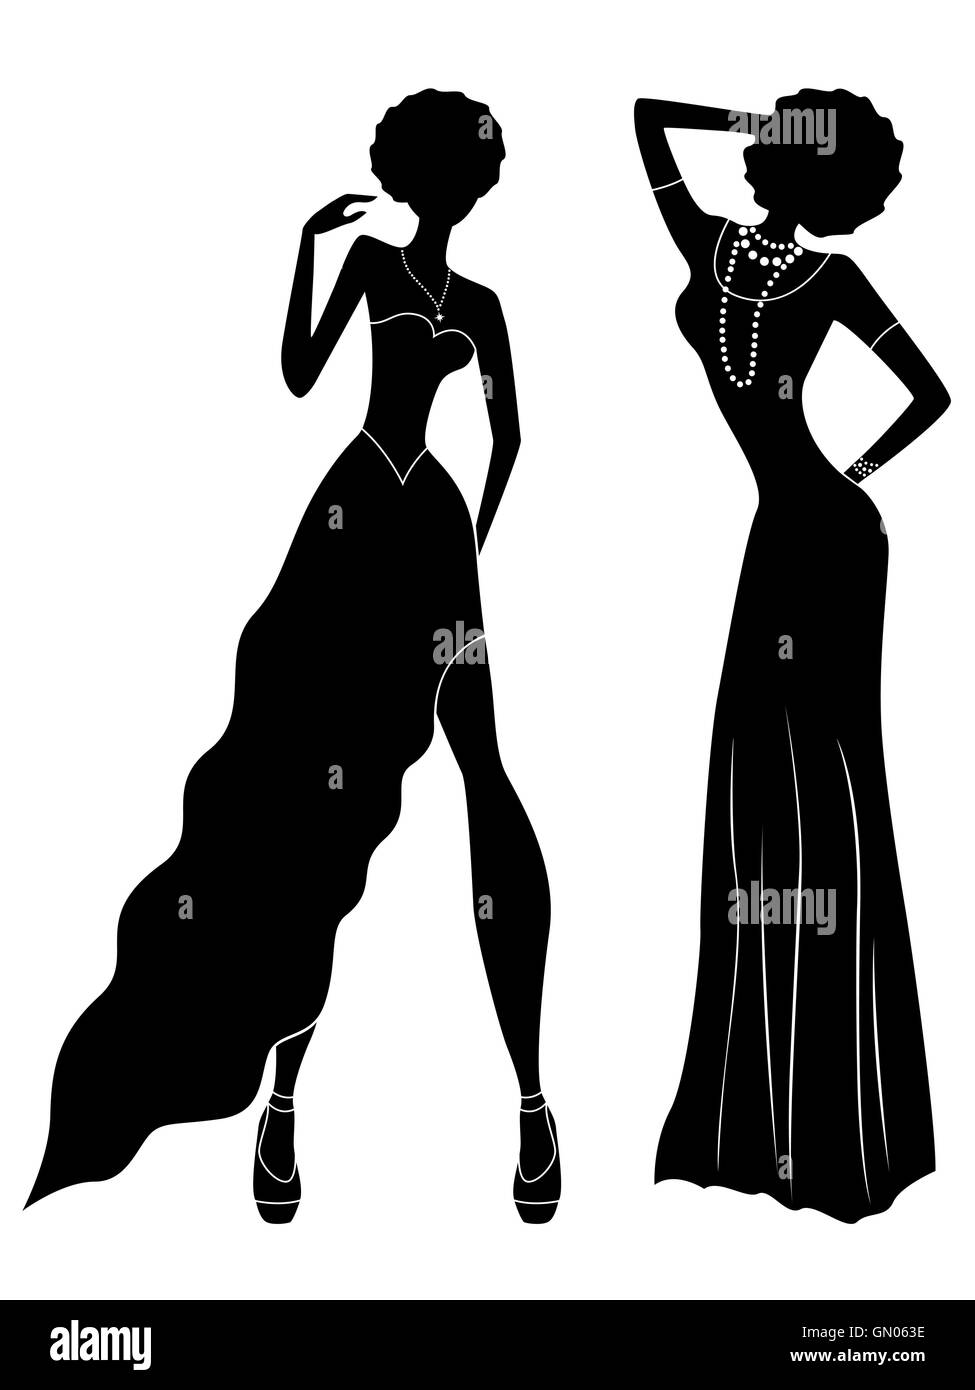 Gown Vectors Stockfotos & Gown Vectors Bilder - Alamy